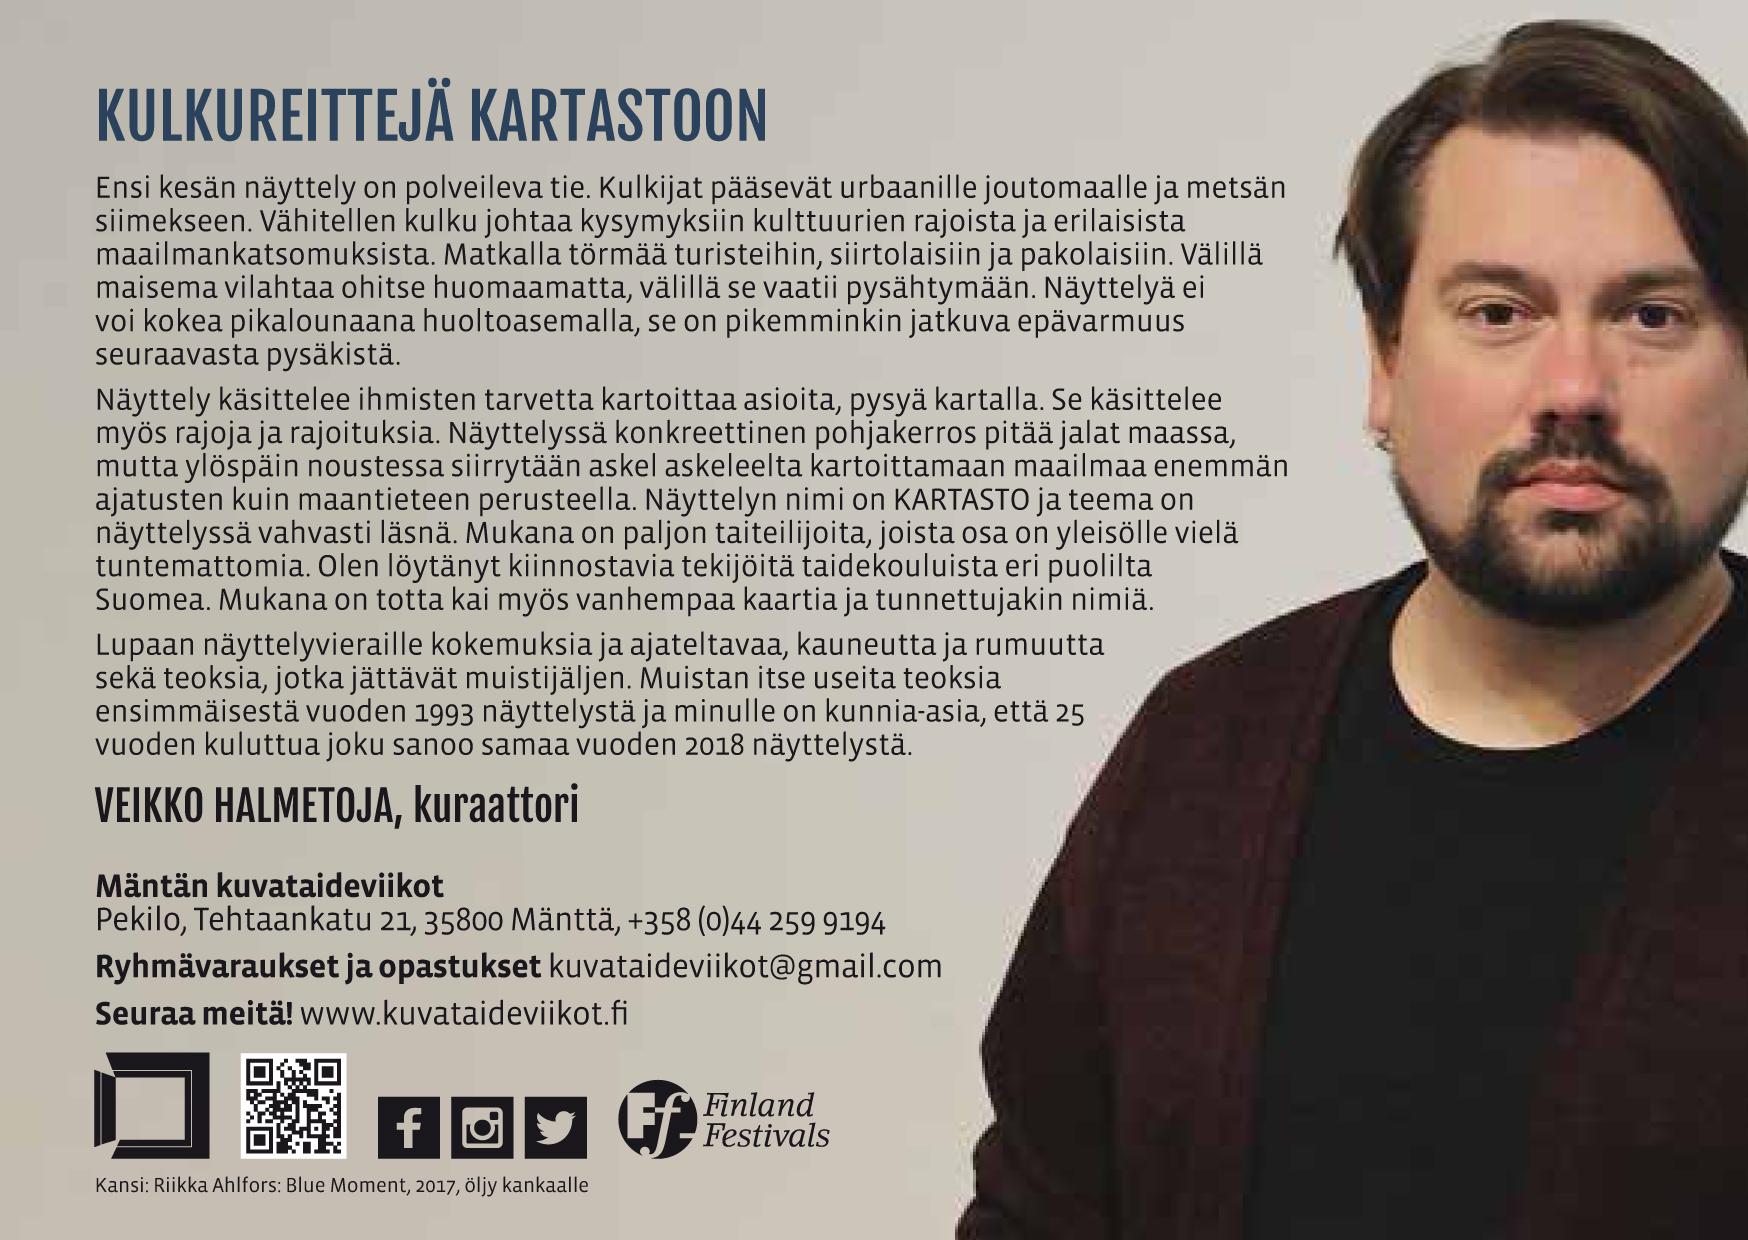 Flyer, Mäntän kuvataideviikot 2018